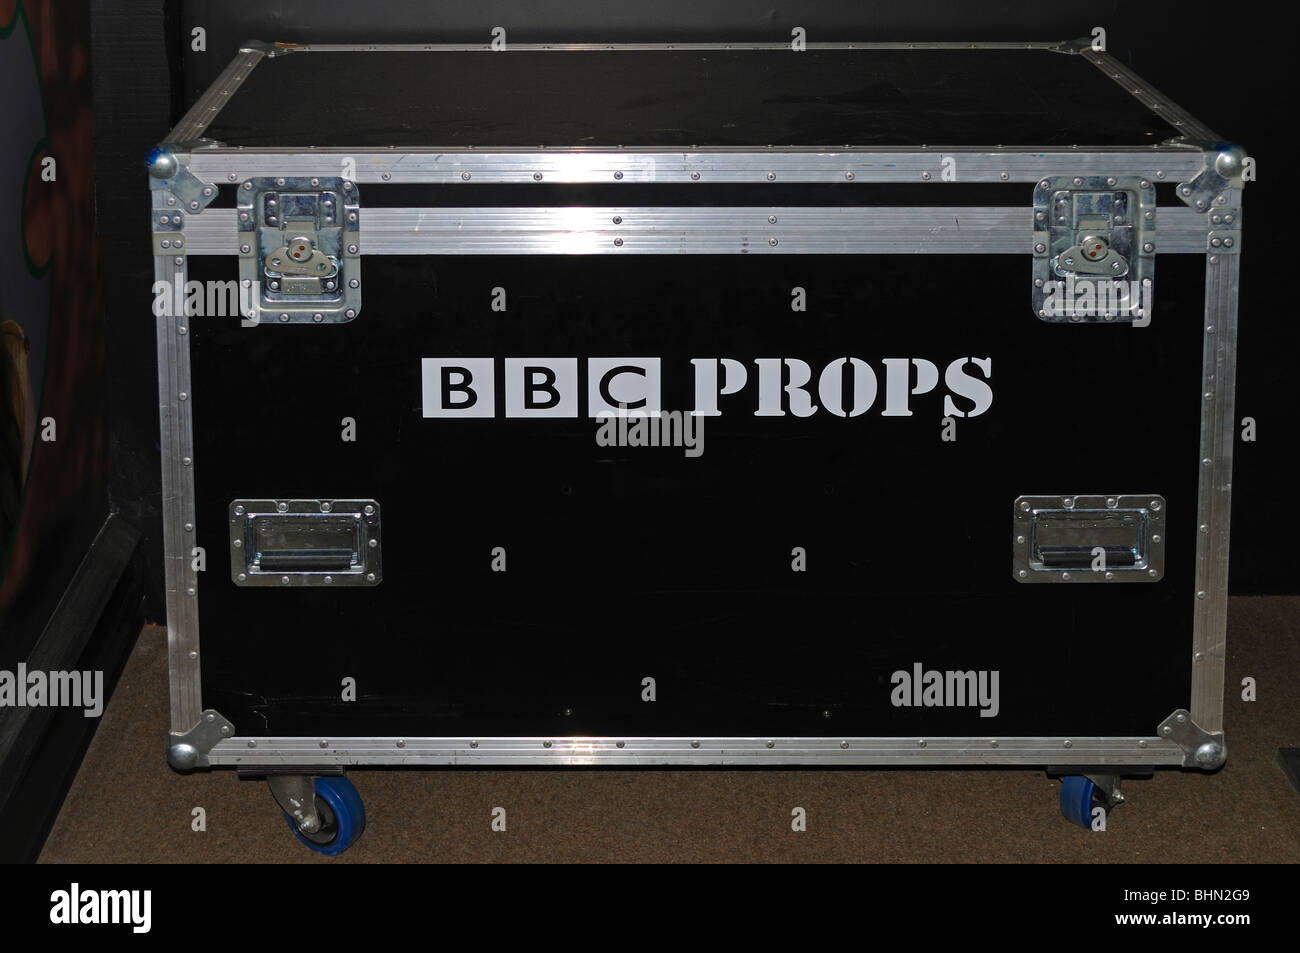 a BBC props box - Stock Image